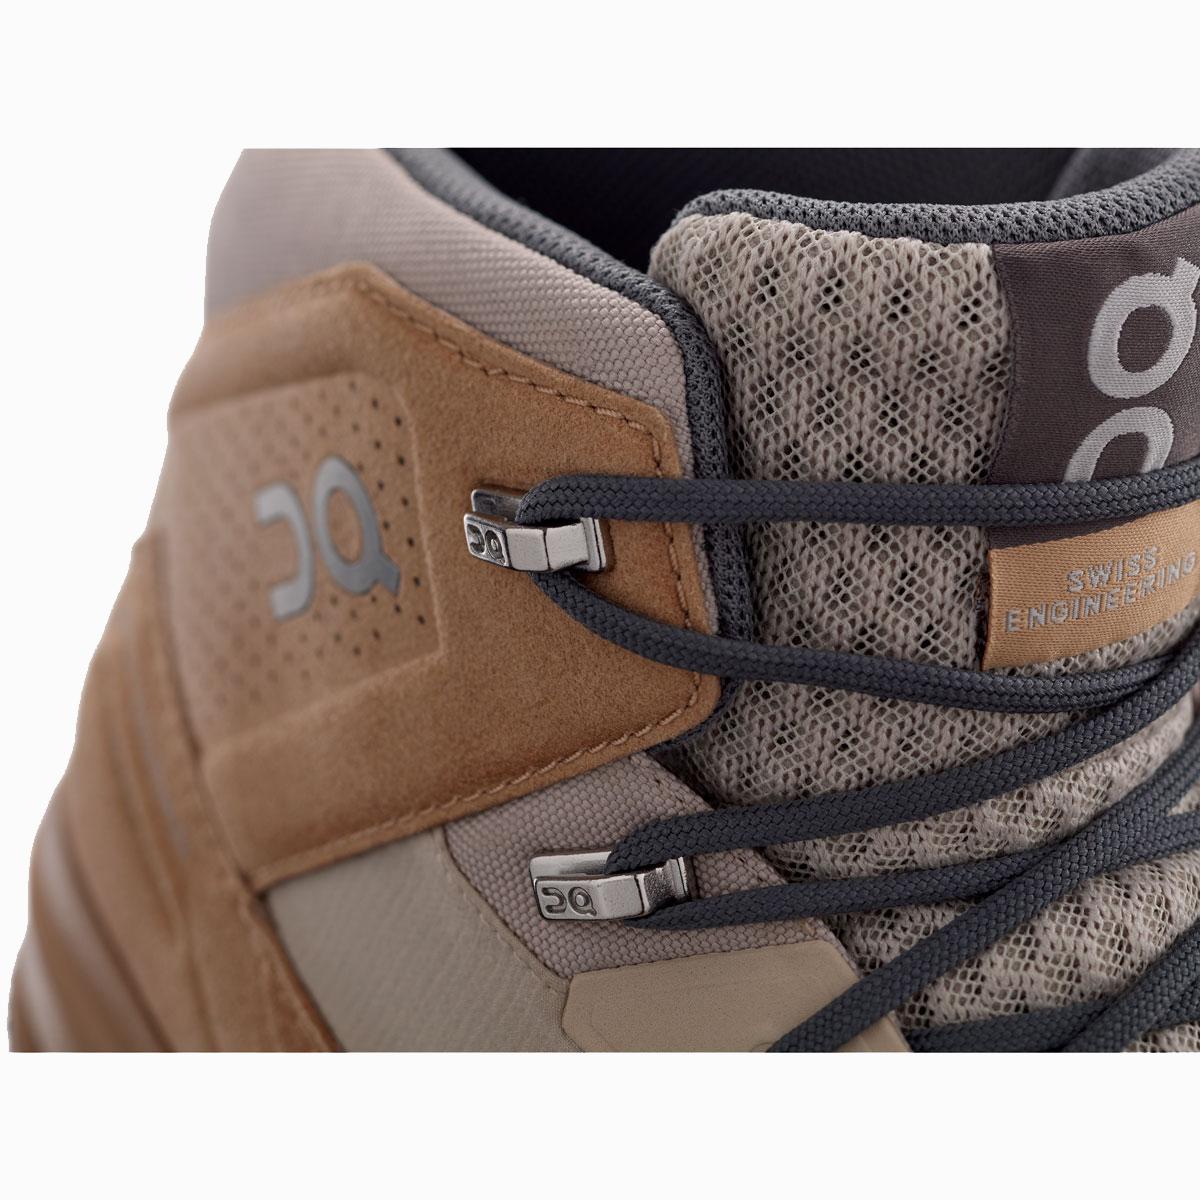 Men's On Cloudridge Hiking Shoe - Color: Sand | Rock - Size: 7 - Width: Regular, Sand | Rock, large, image 3